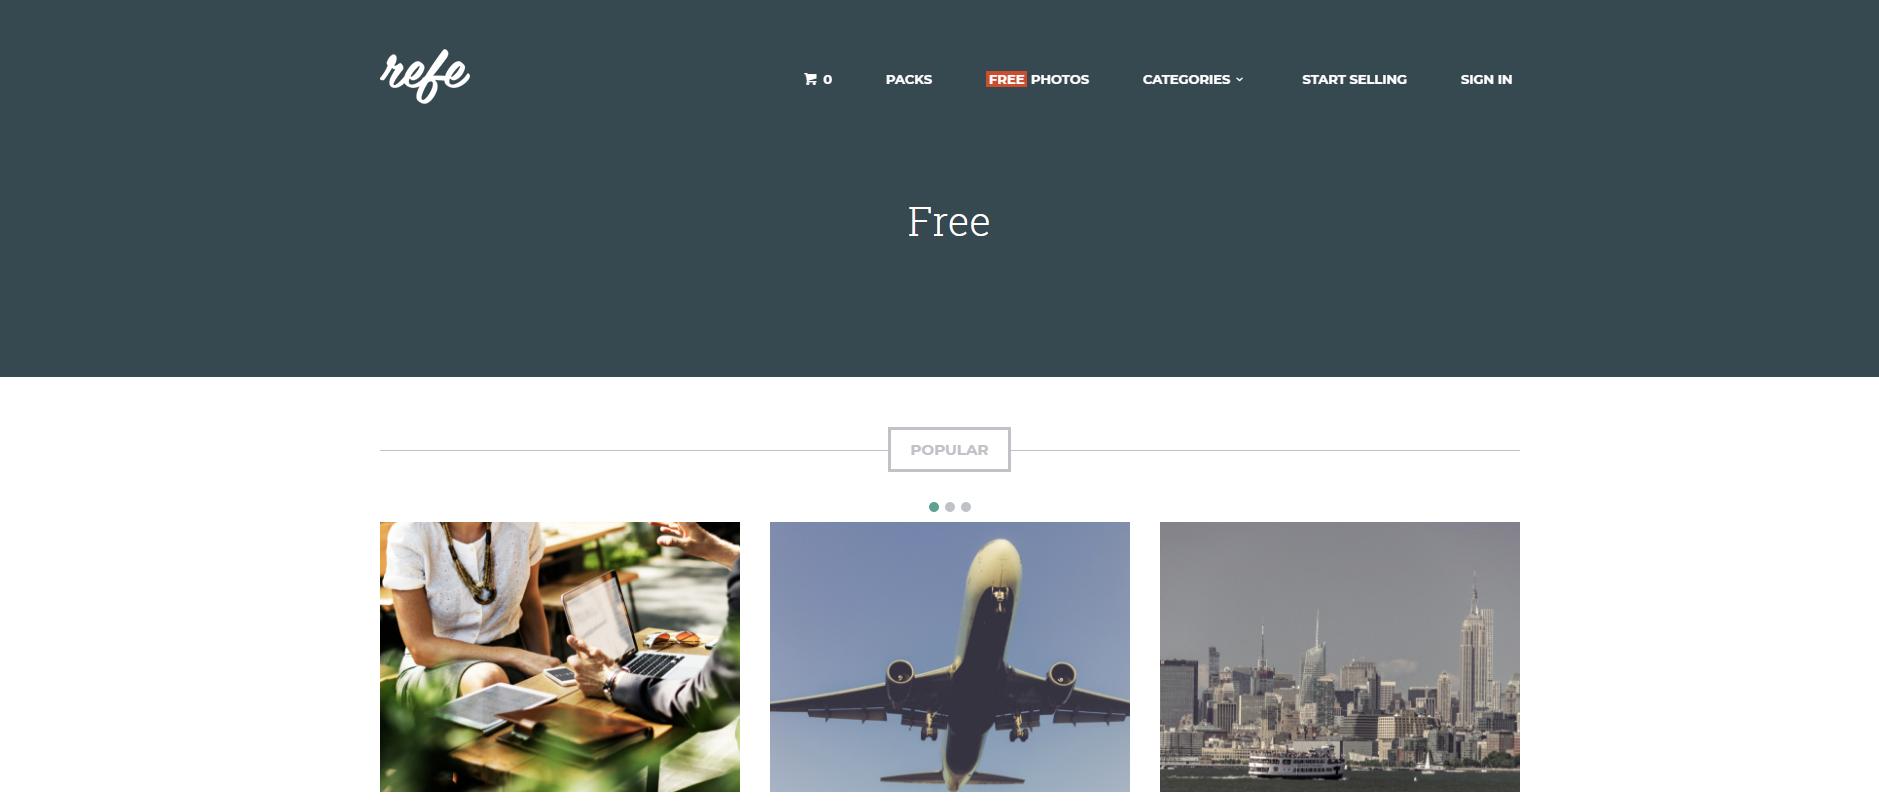 FreeRefe, GetRefe, jogtiszta fotók, ingyenes fotók, jogtiszta képek, ingyenes képek, ingyenes png ábrák, ingyenes háttérképek, ingyenes logó